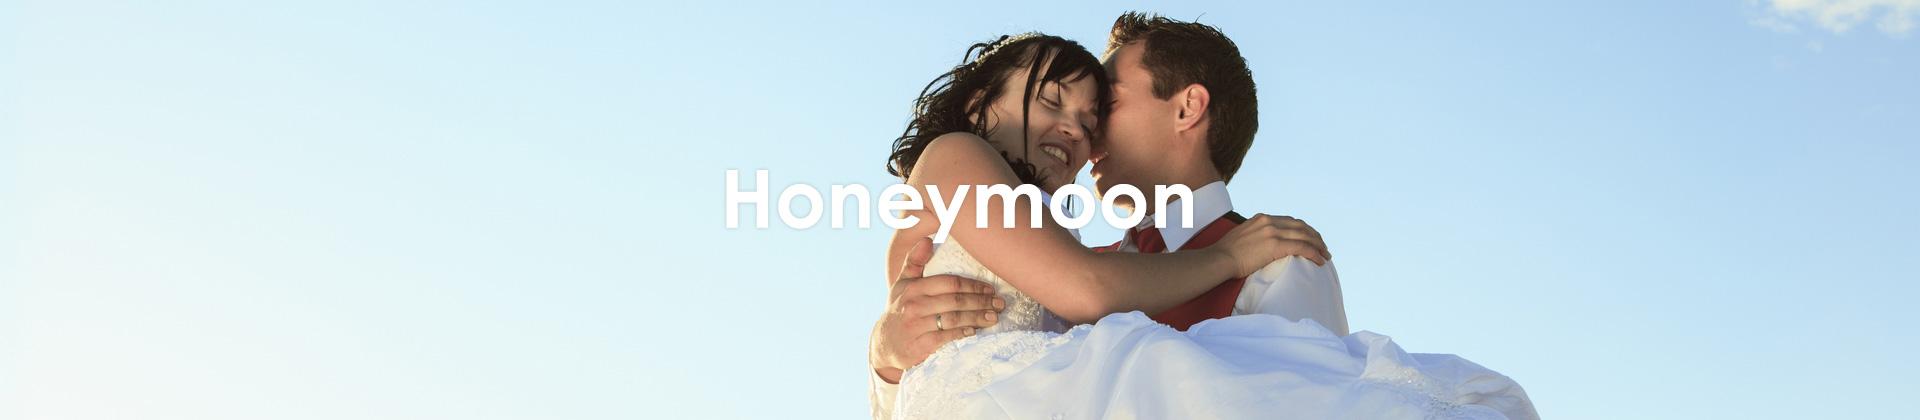 ハネムーン・新婚旅行へ行くならトラベル・スタンダード・ジャパンにお任せ下さい。